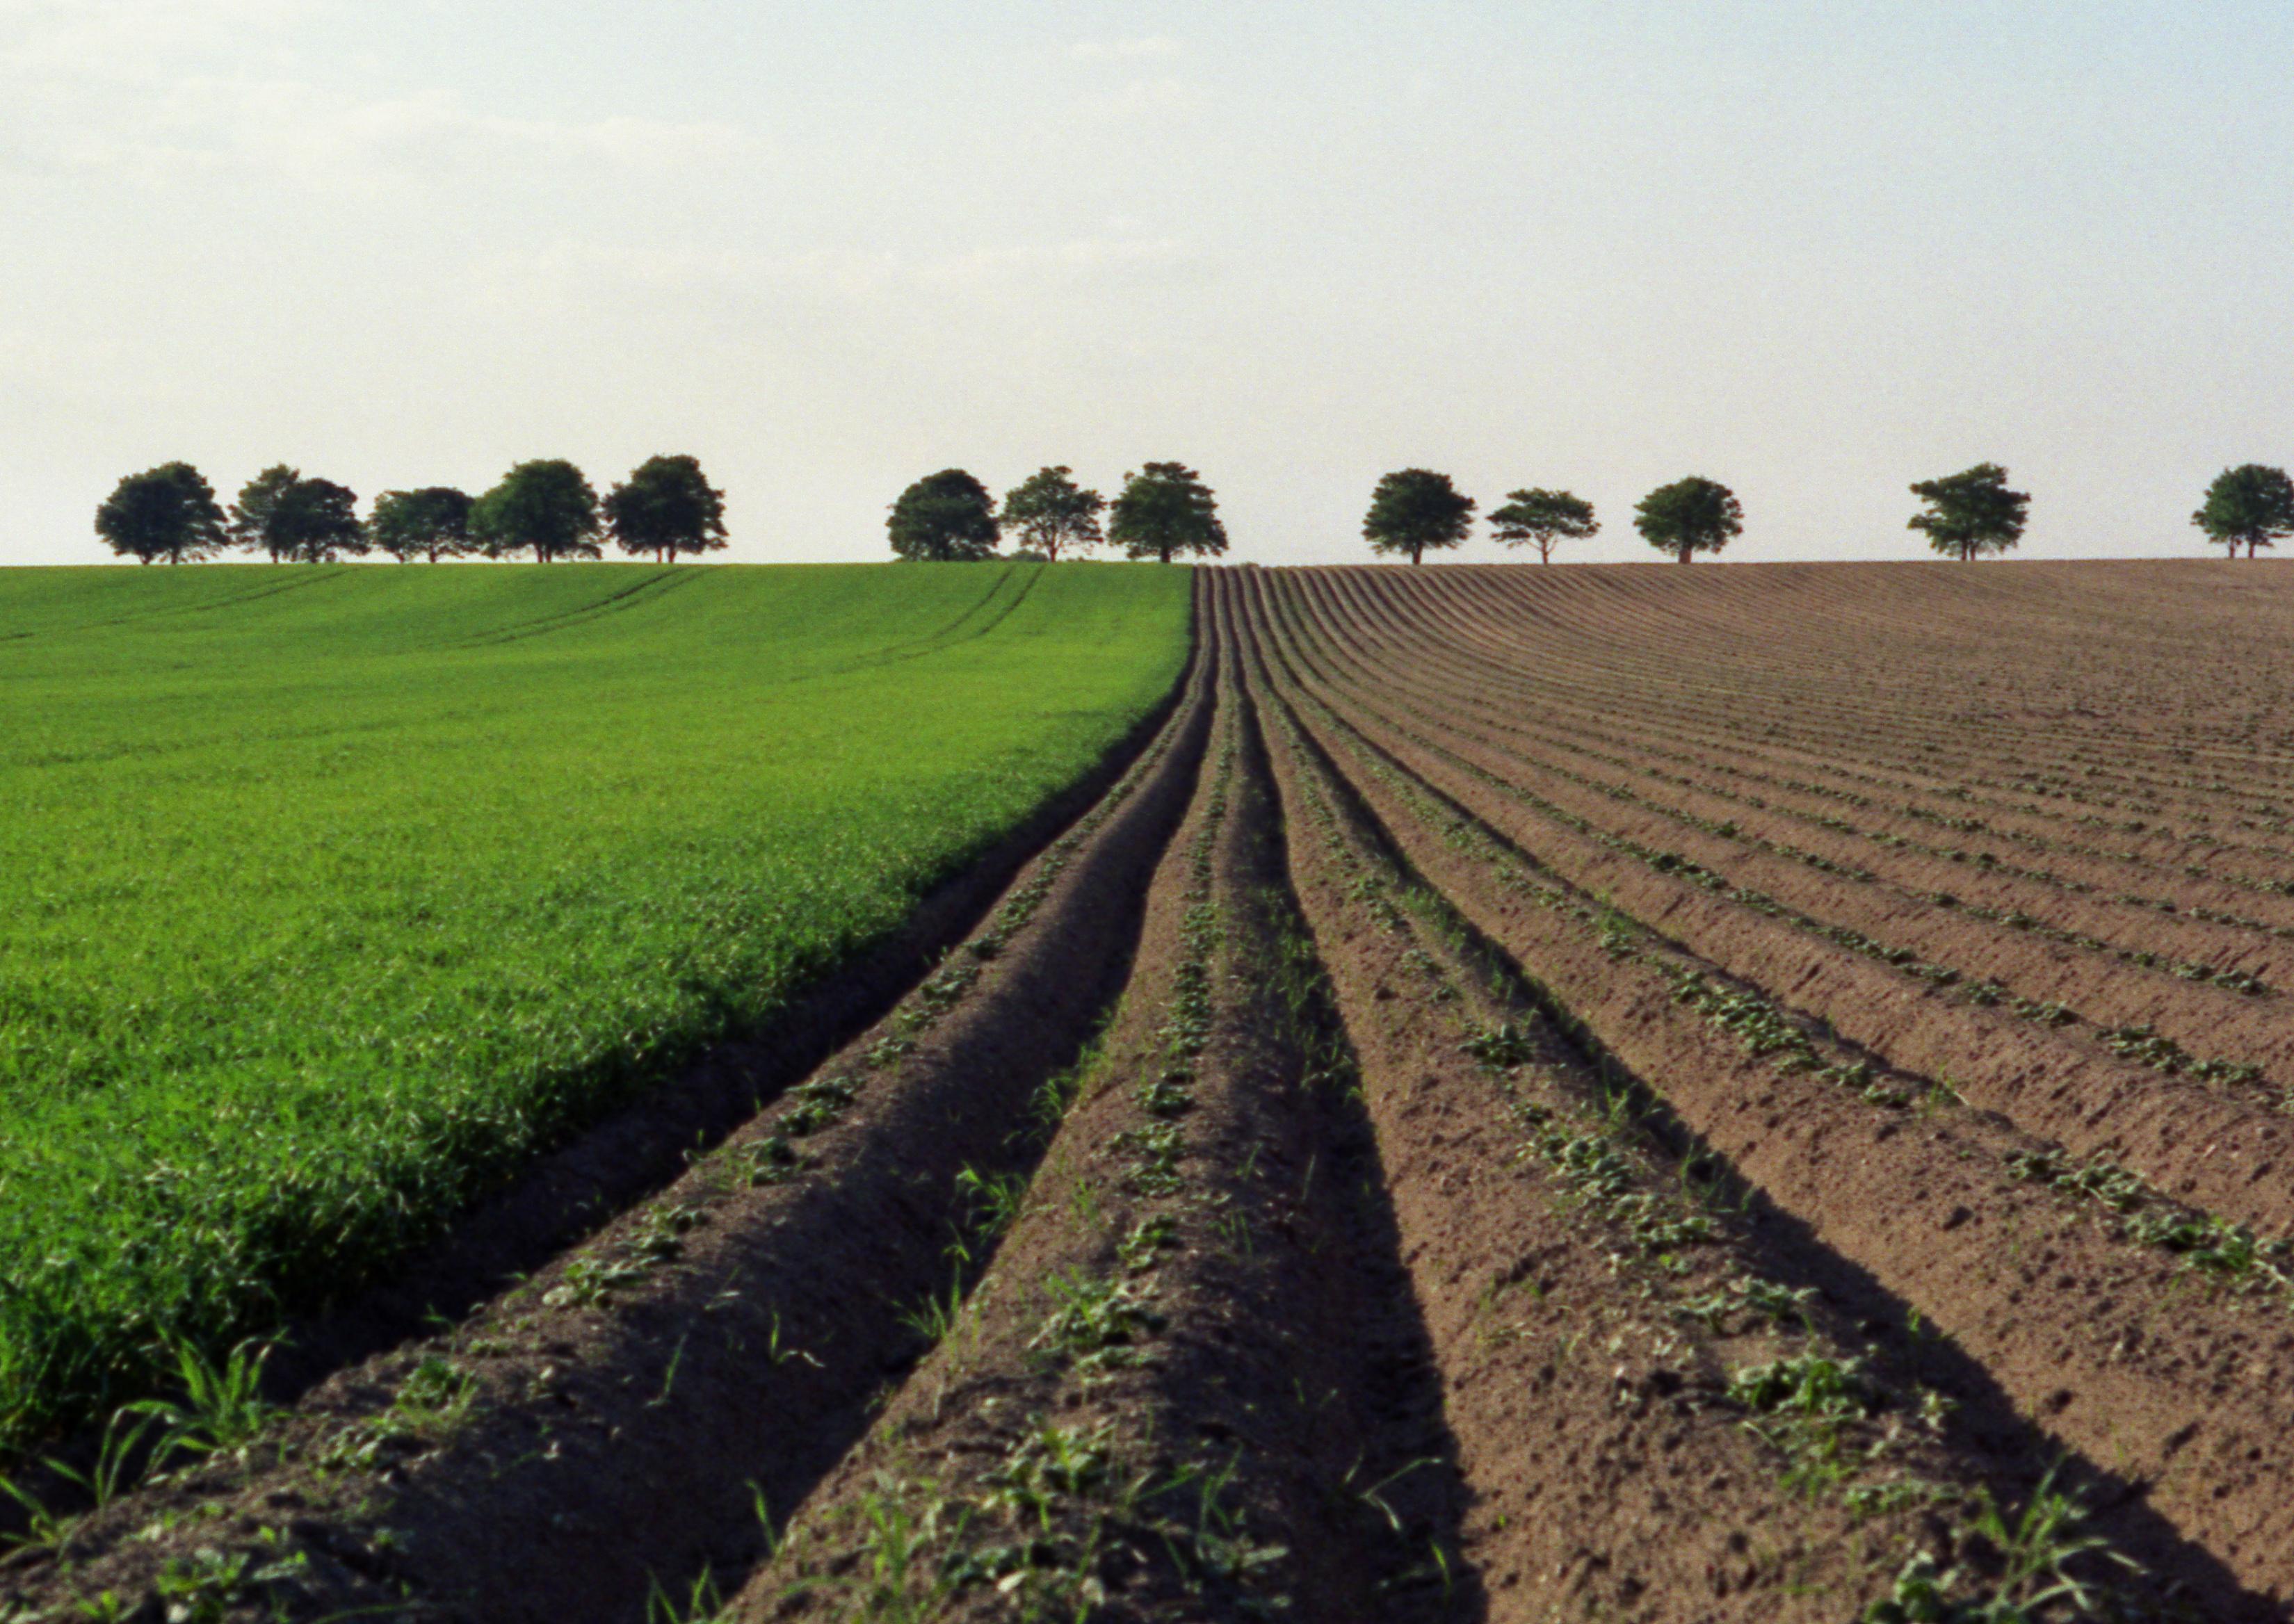 Kommission landwirtschaft klu umweltbundesamt for Boden bilder